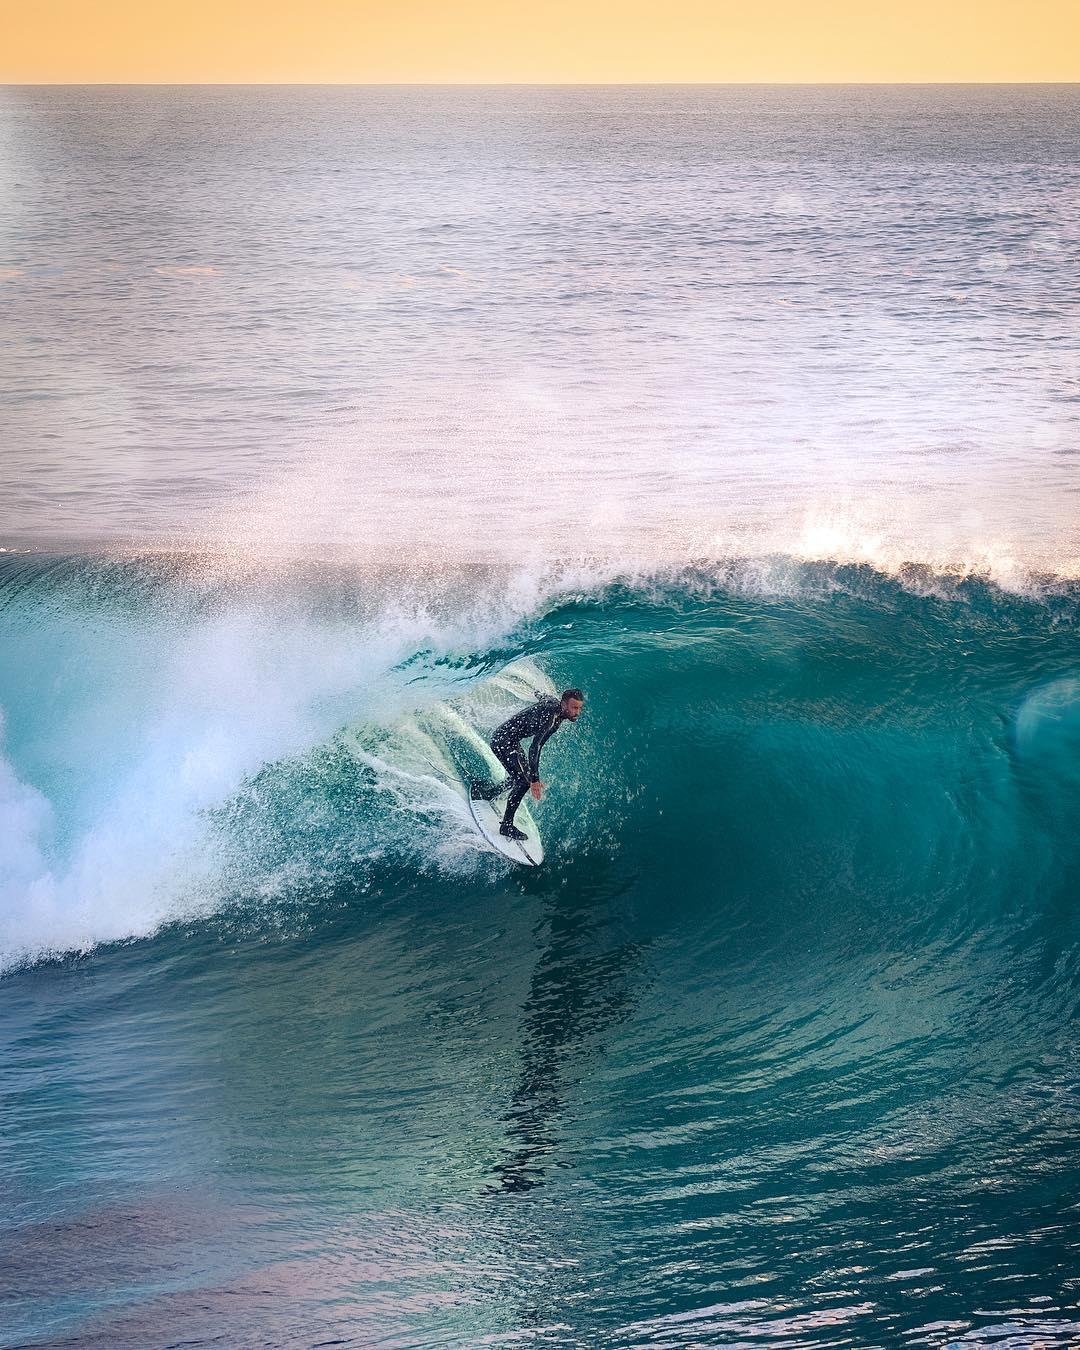 Kyle Bowman West Australian Drone and Landscape Photographer